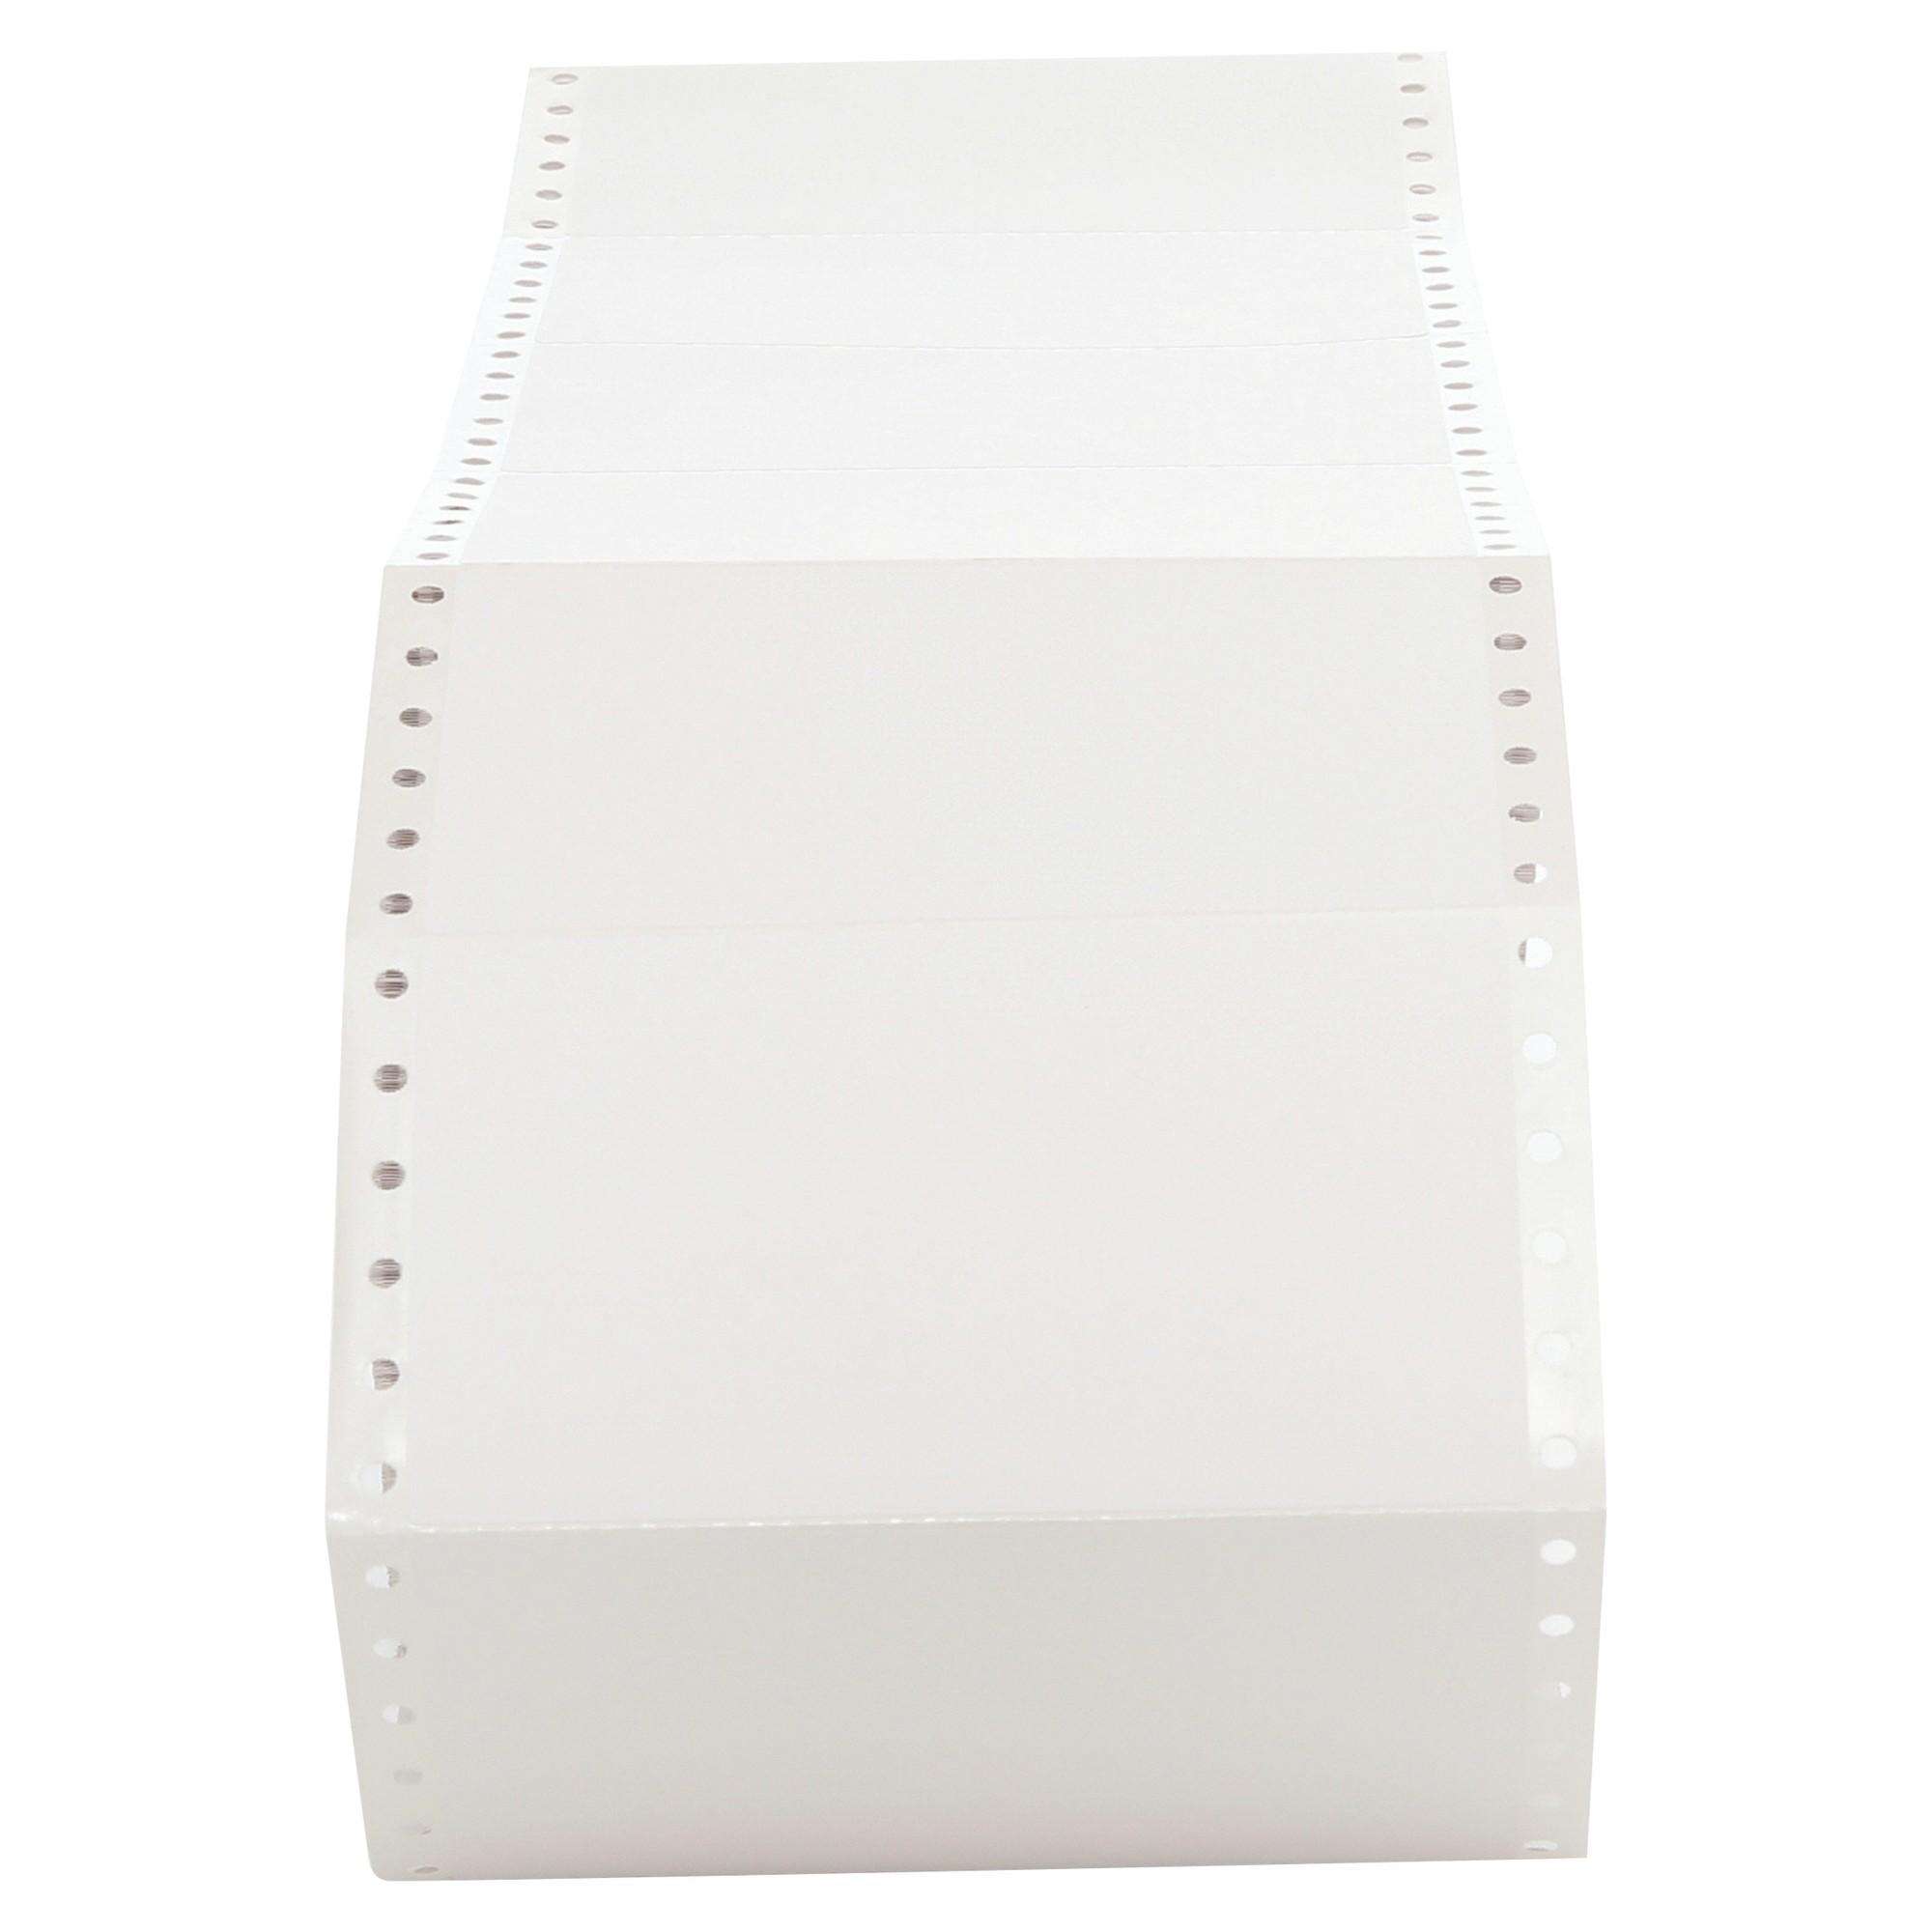 Dot Matrix Printer Labels, 1 Across, 2-15/16 x 5, White, 3000/Box